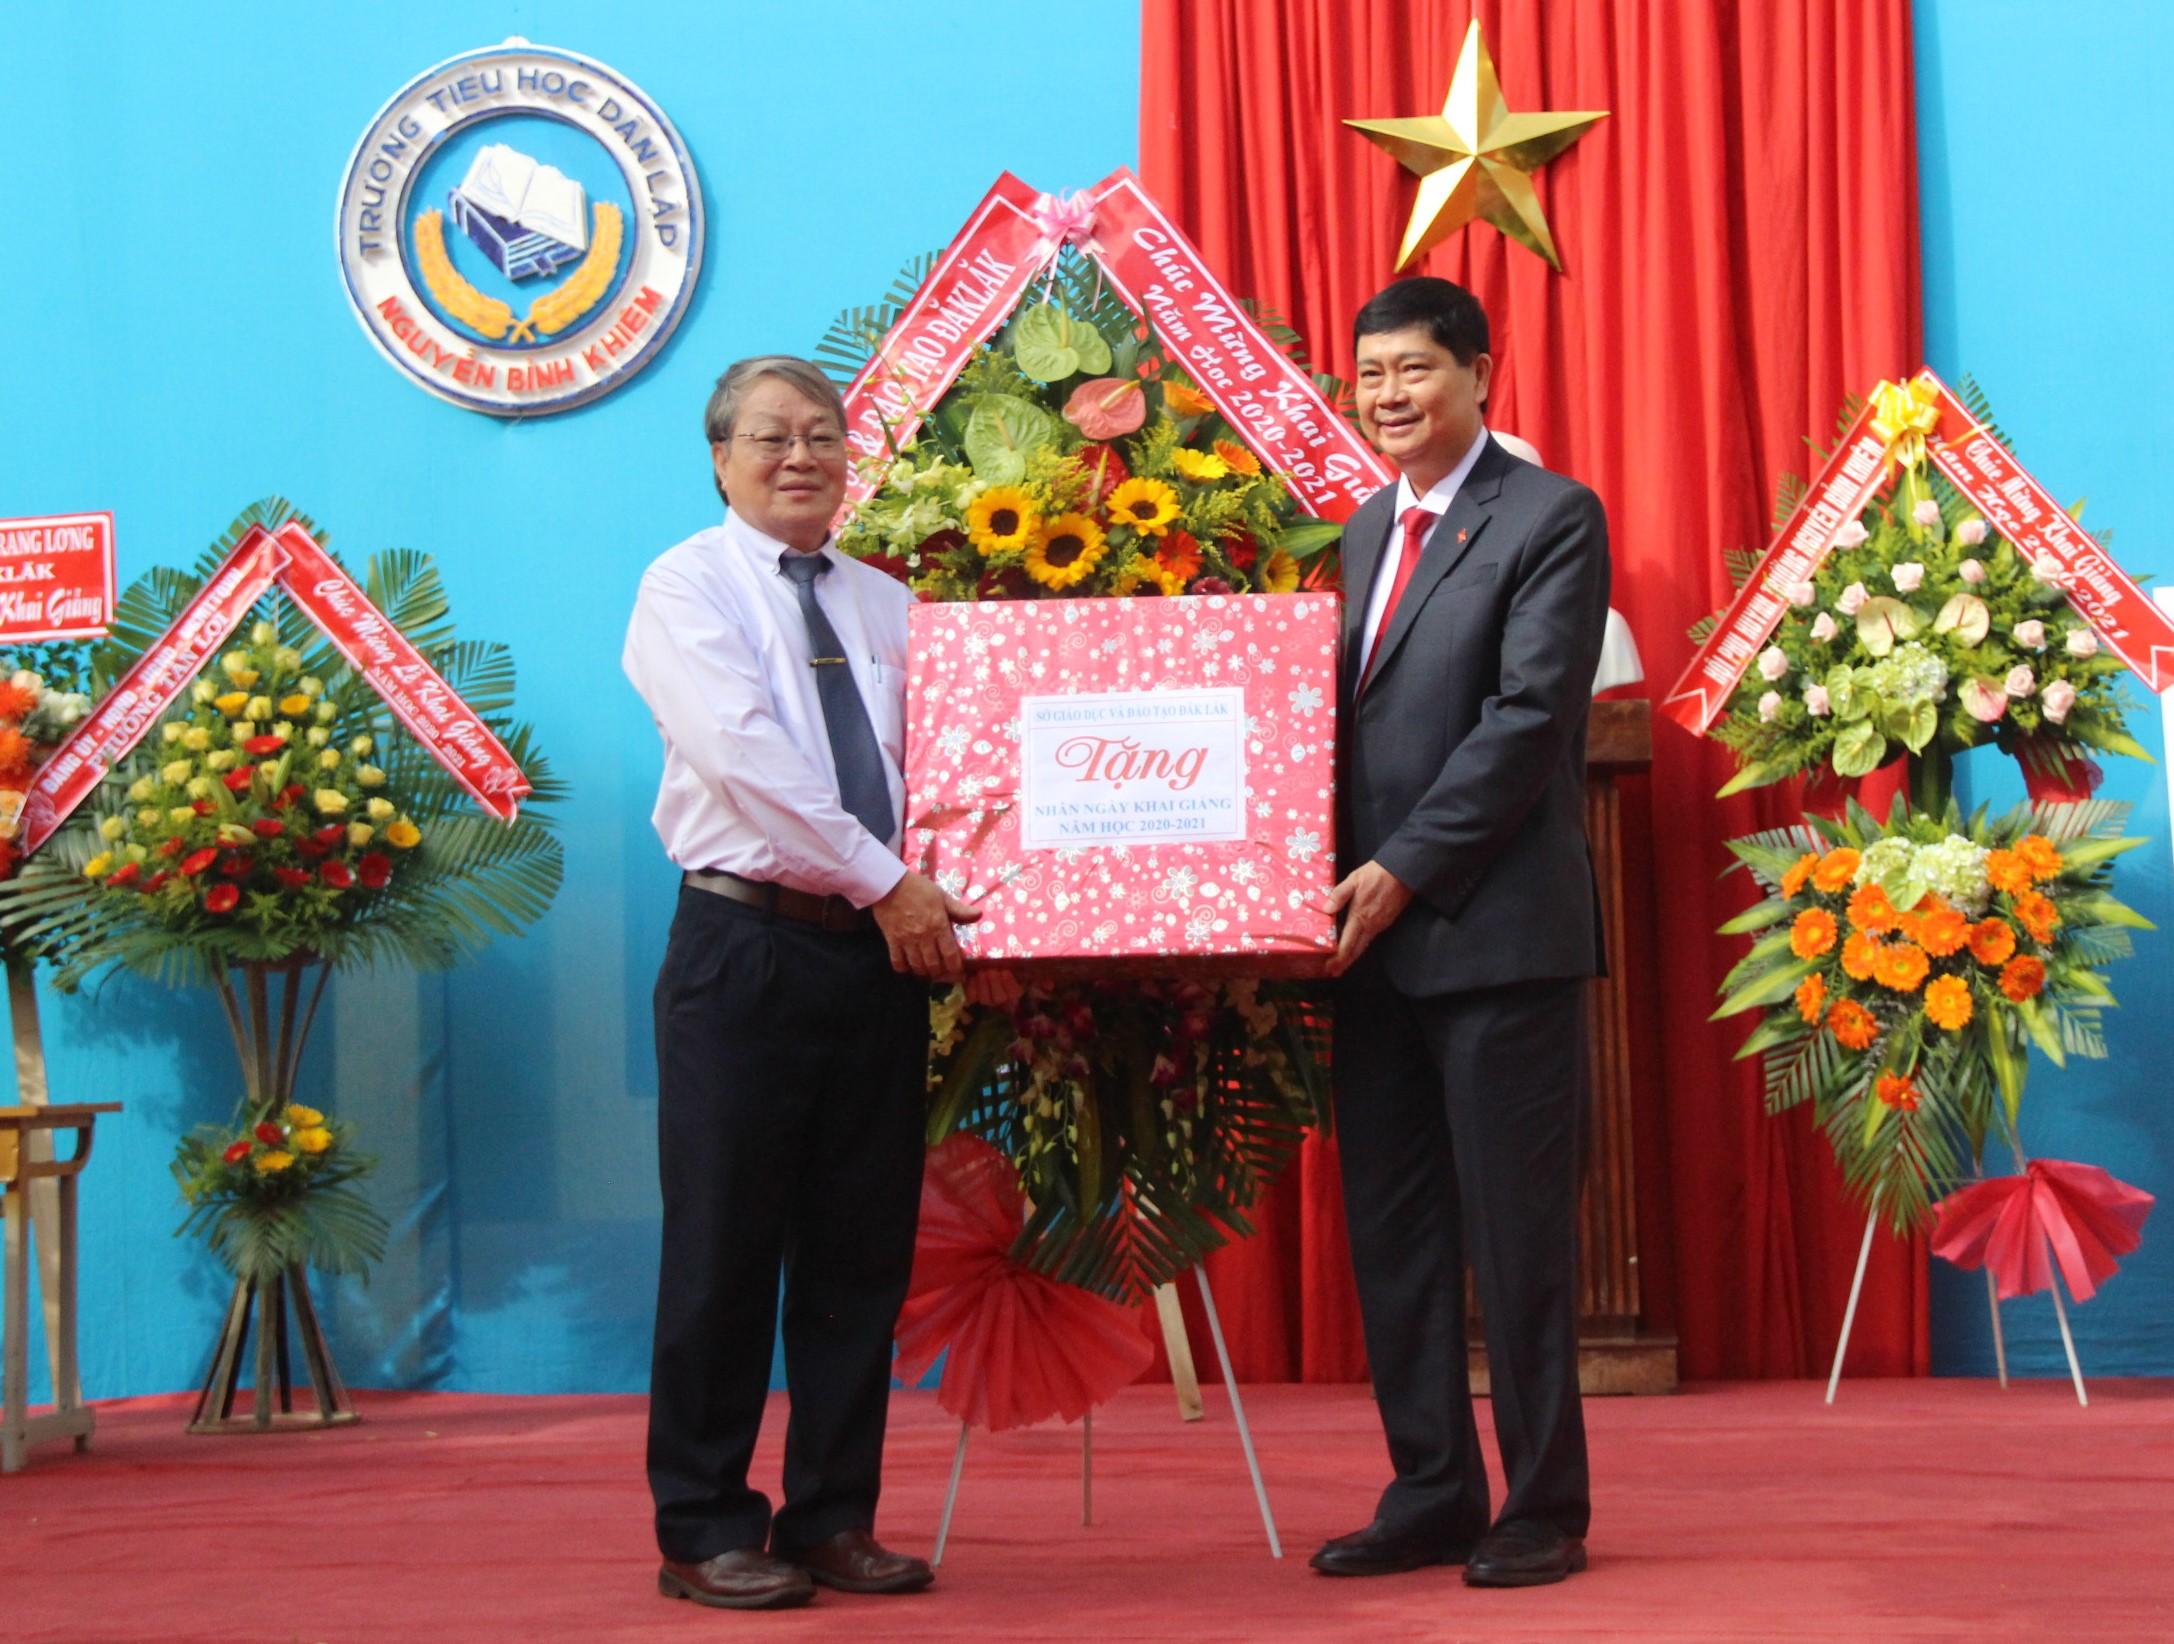 Trường Tiểu học dân lập Nguyễn Bỉnh Khiêm khai giảng năm học mới 2020-2021